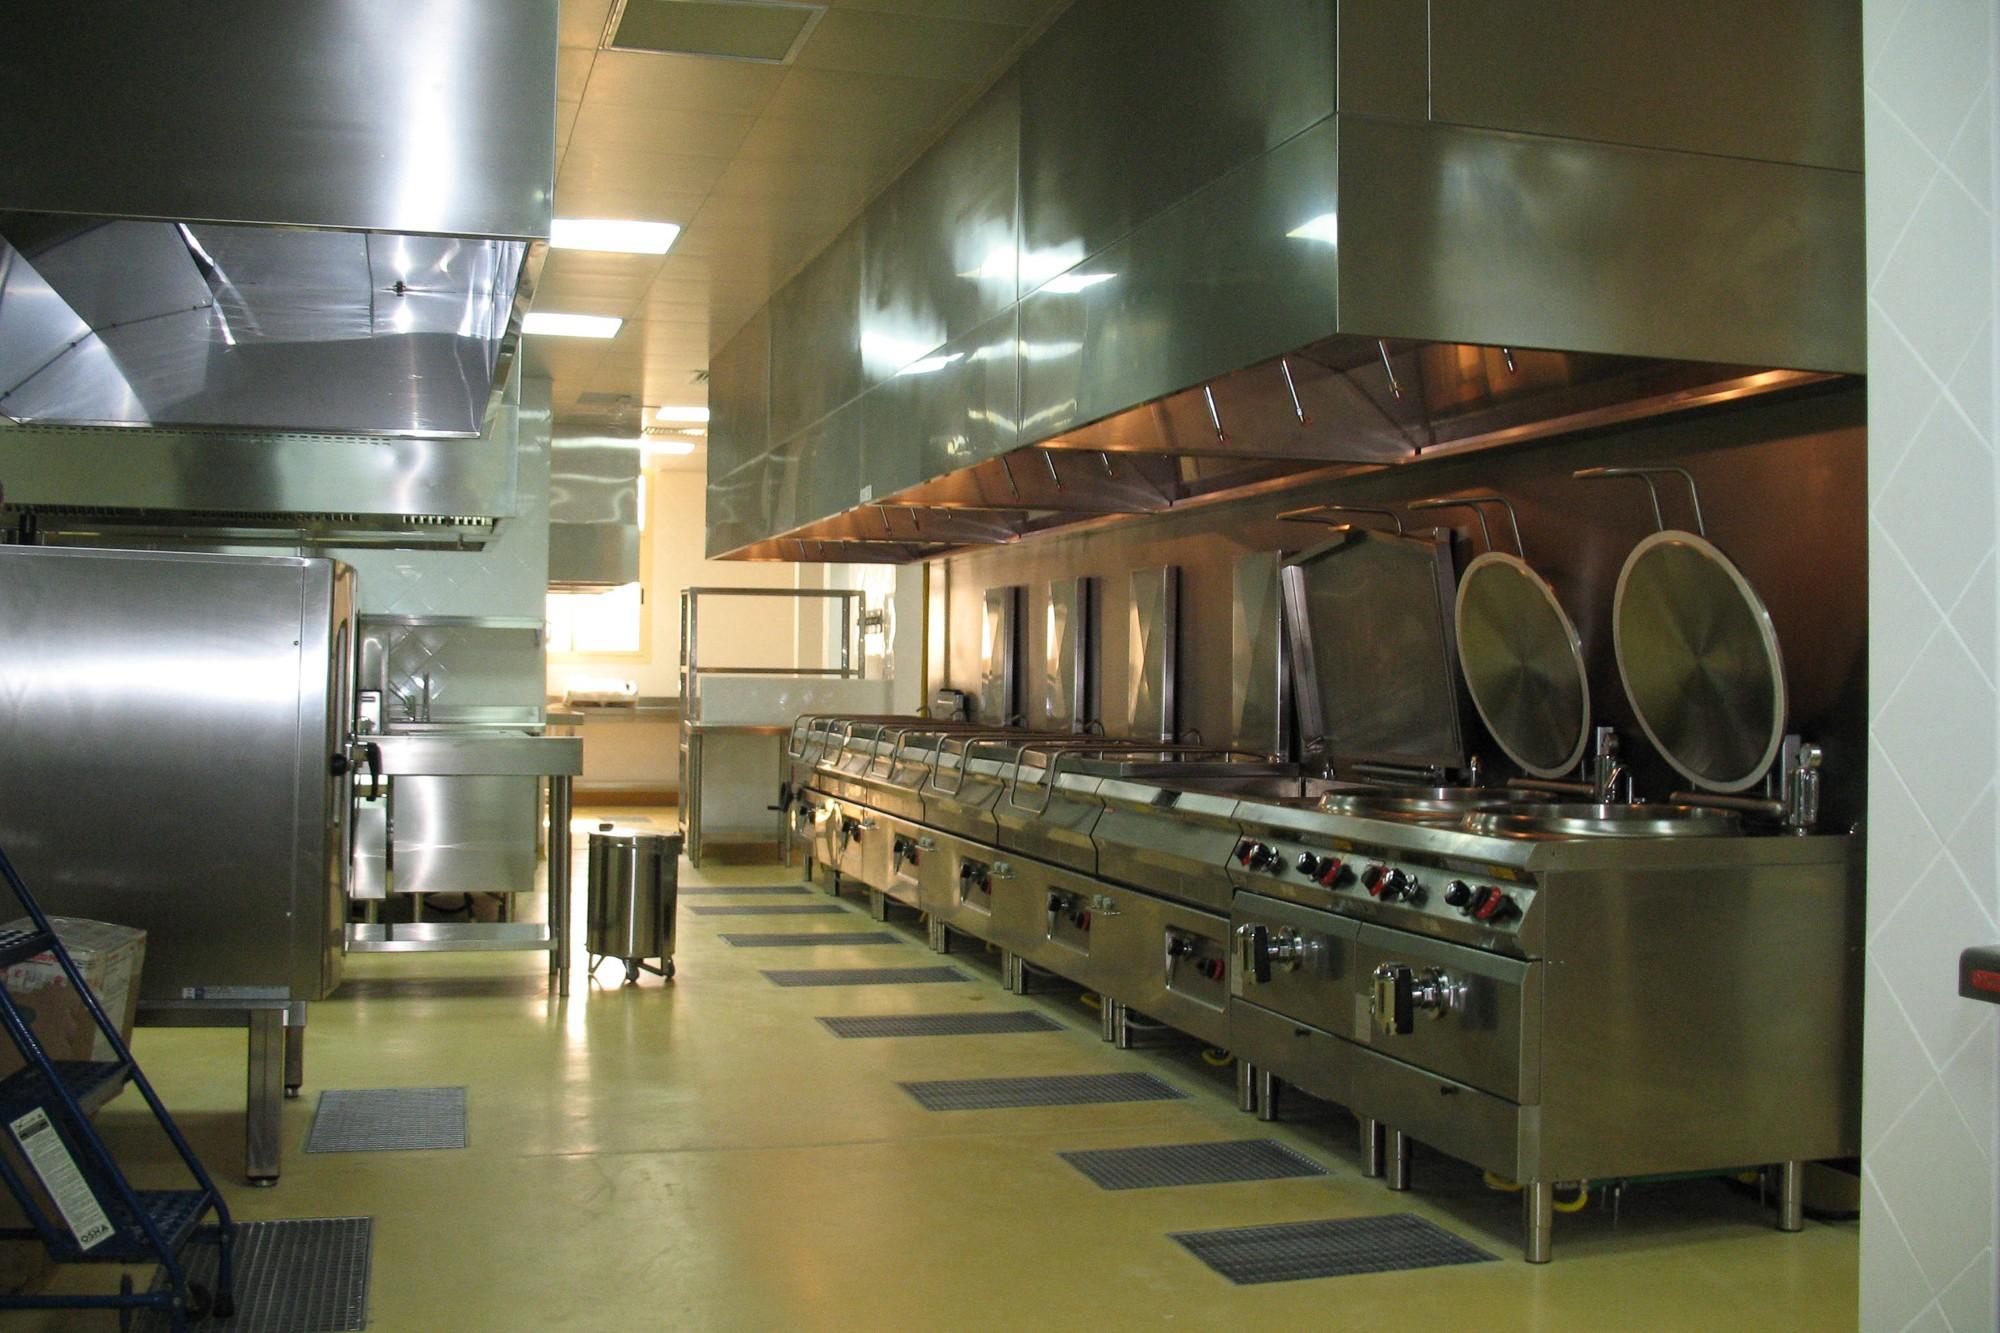 Italia_kitchen_-le_meridien_a-3